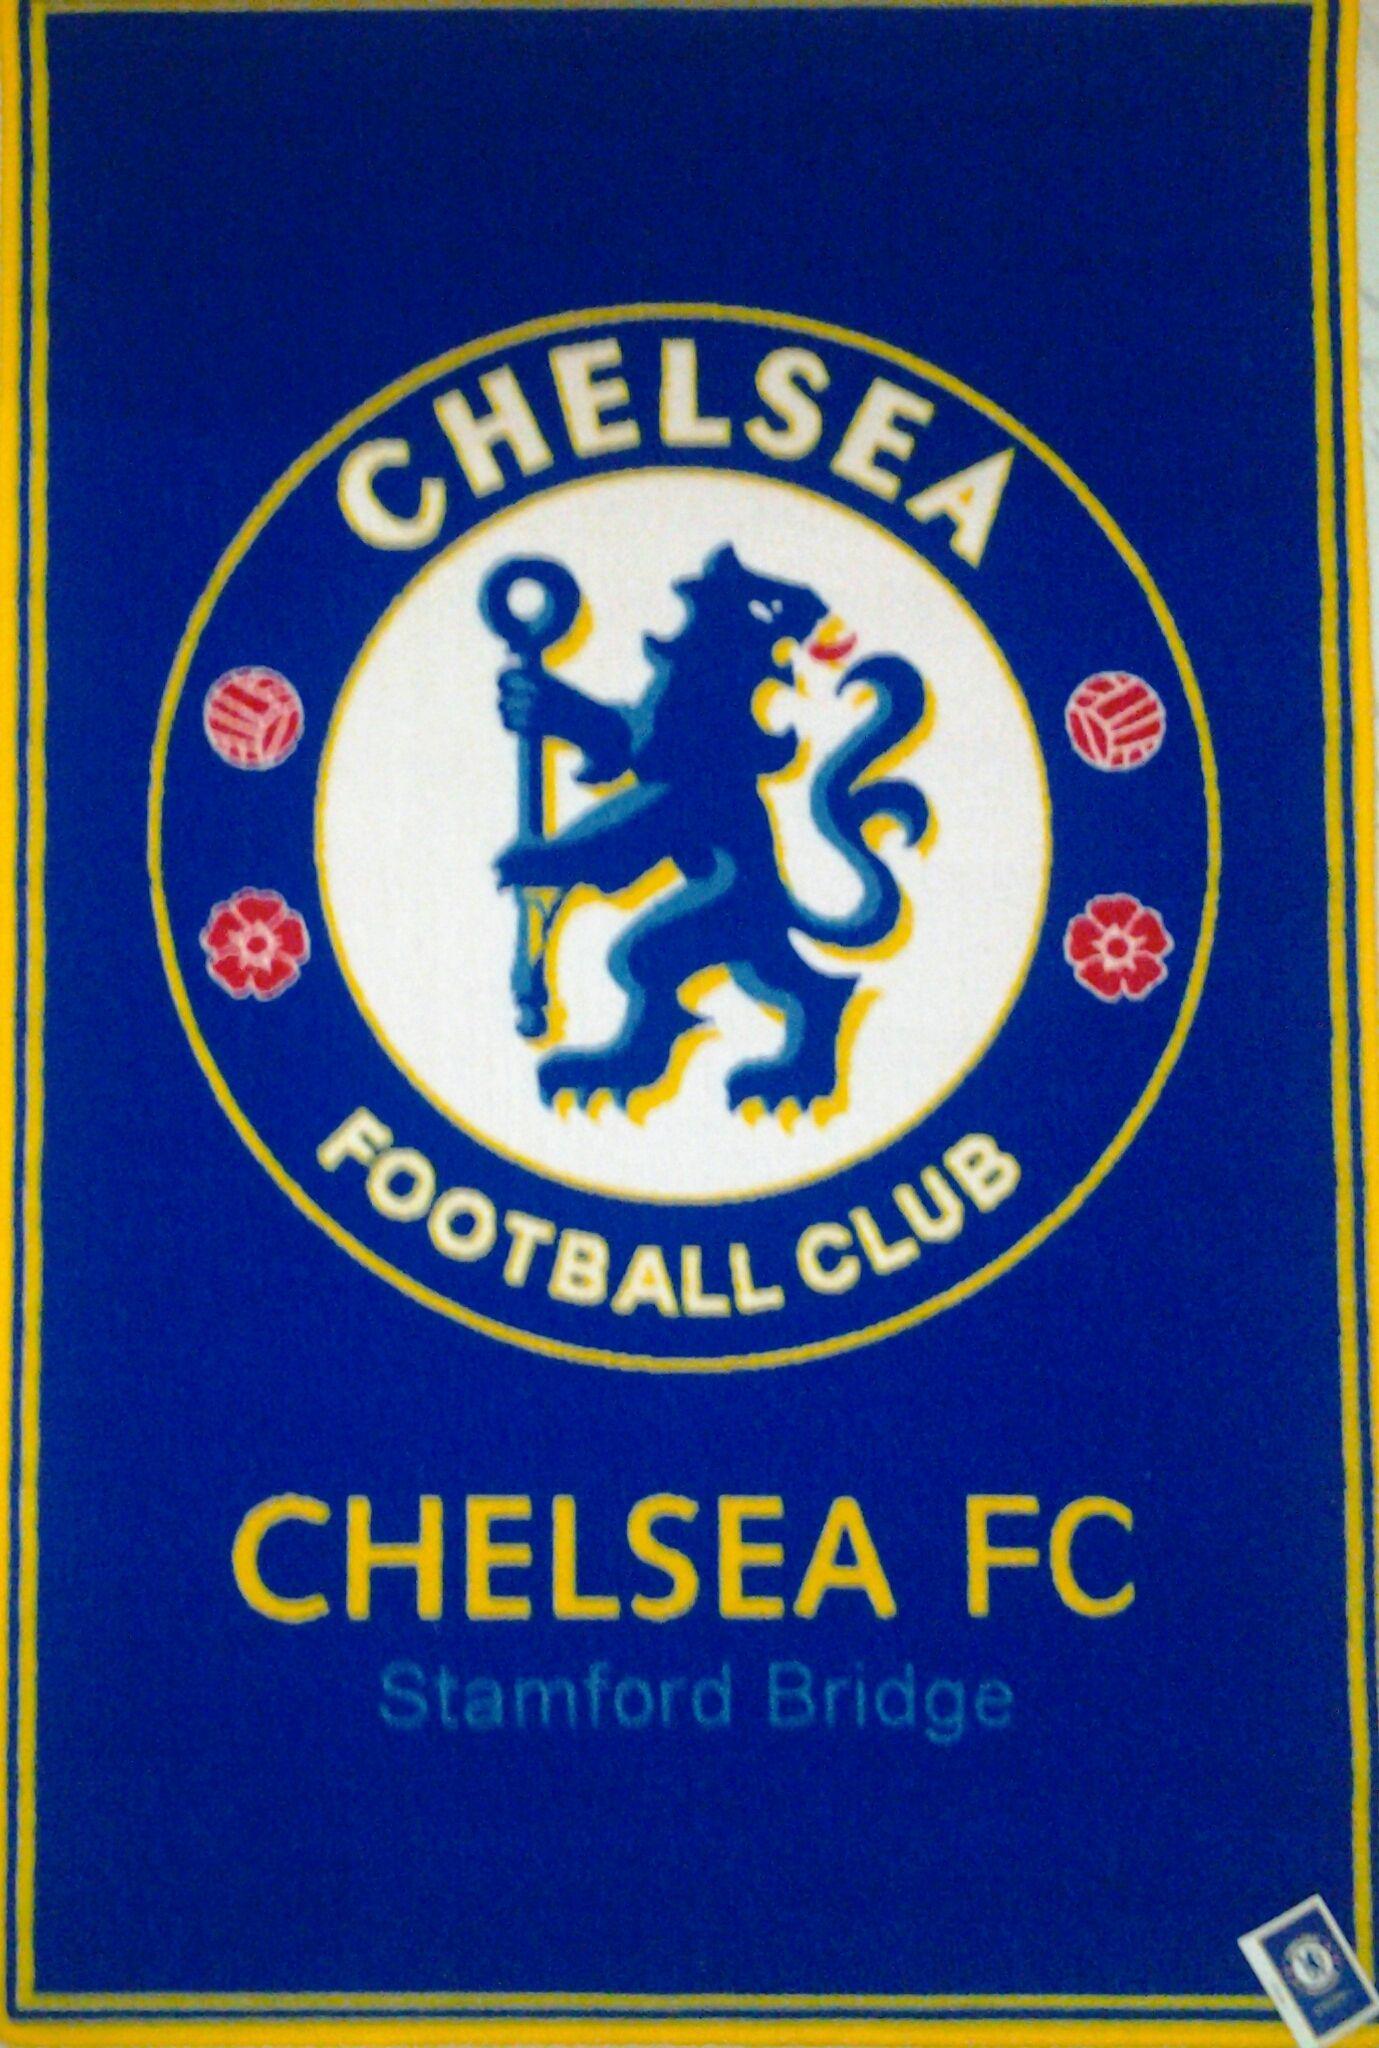 Koleksi Chelsea FC Koleksi Chelsea FC Pinterest Chelsea And